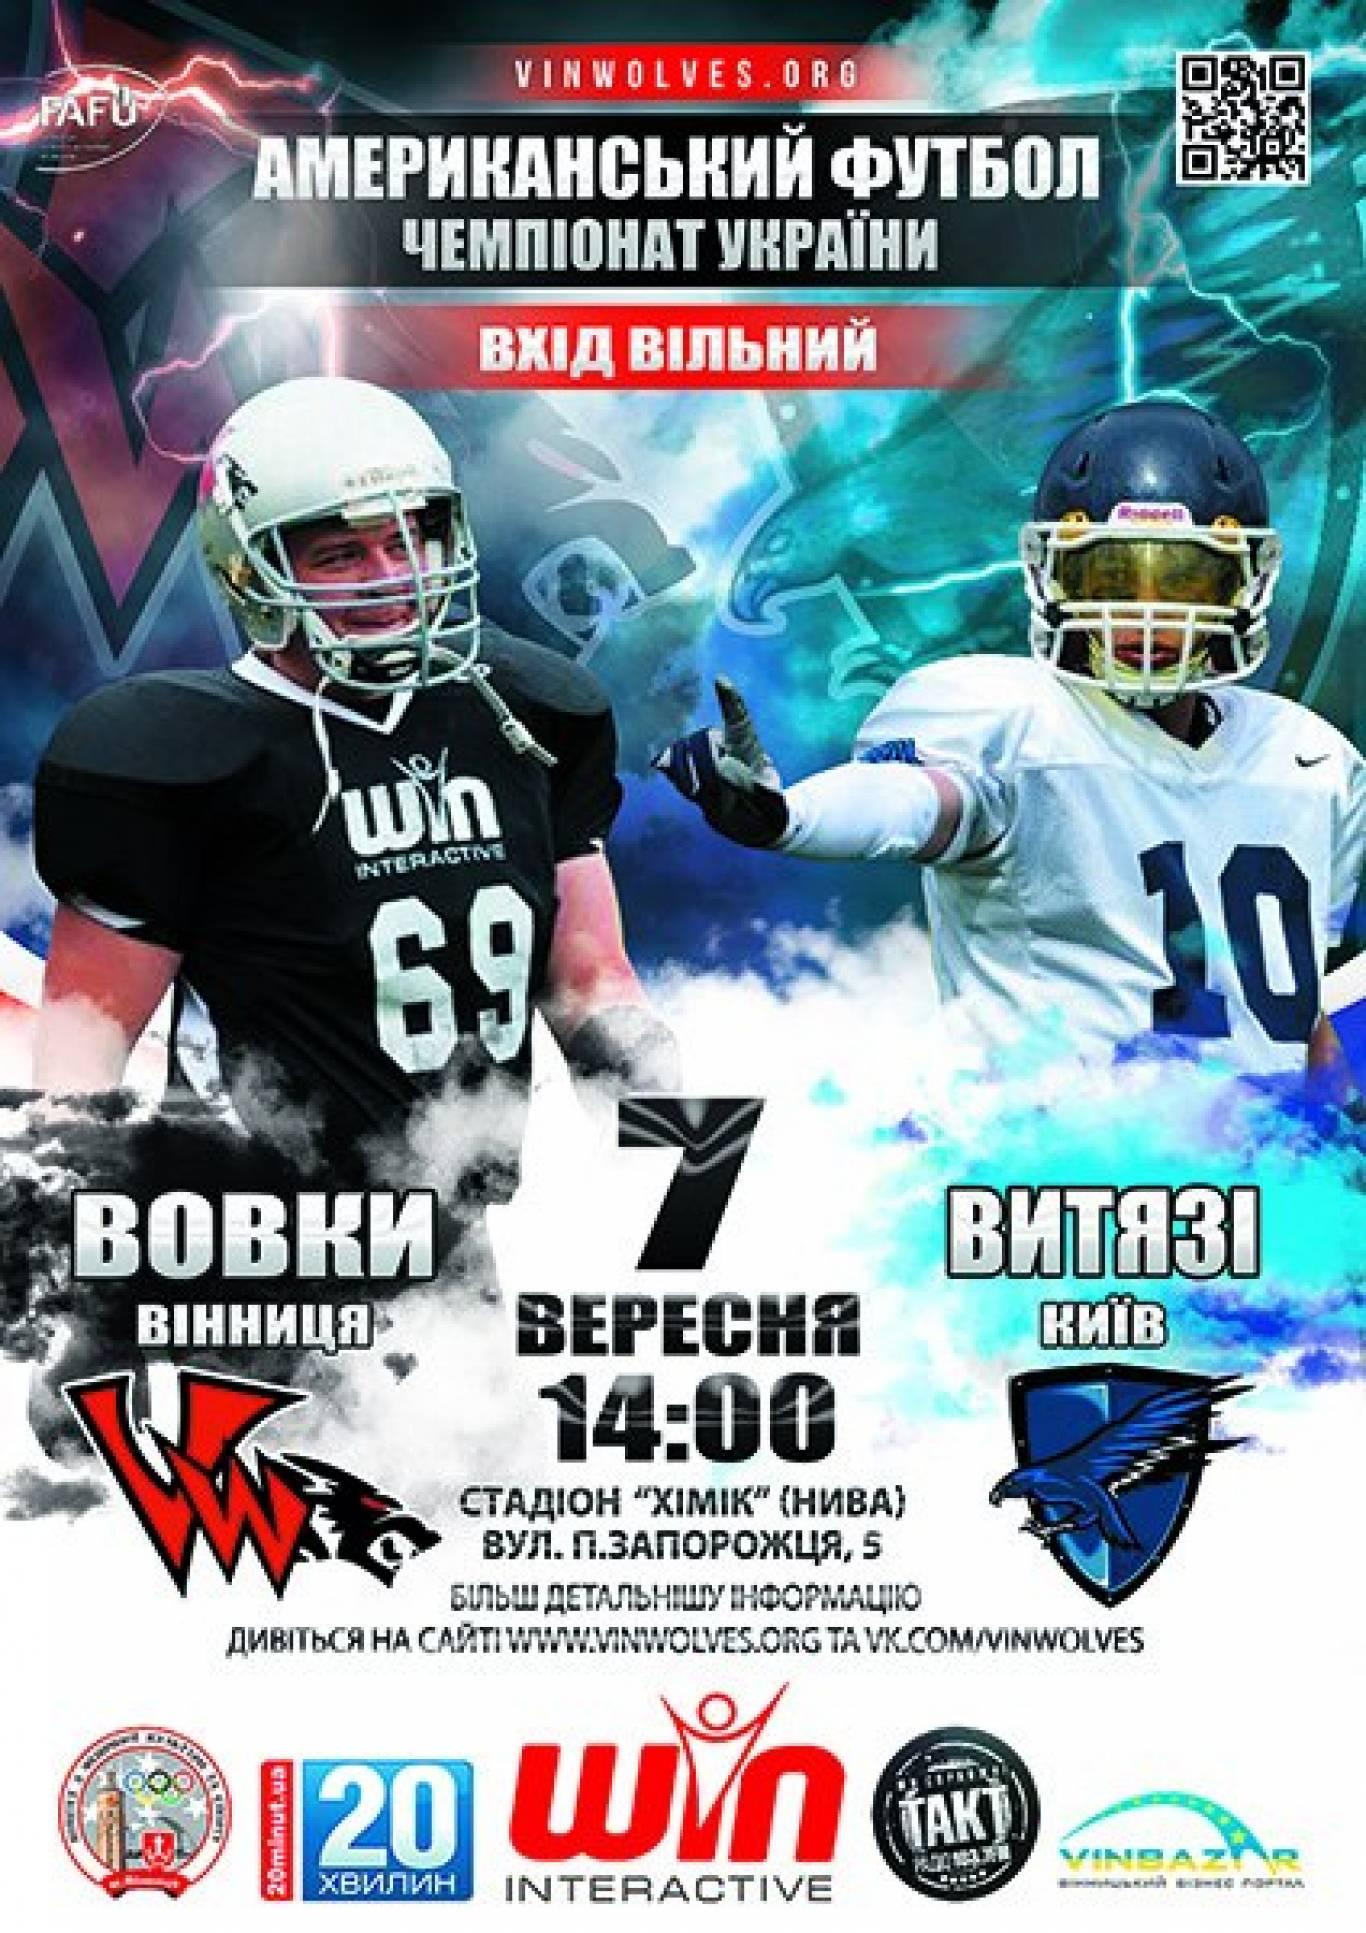 Чемпіонат України з американського футболу.